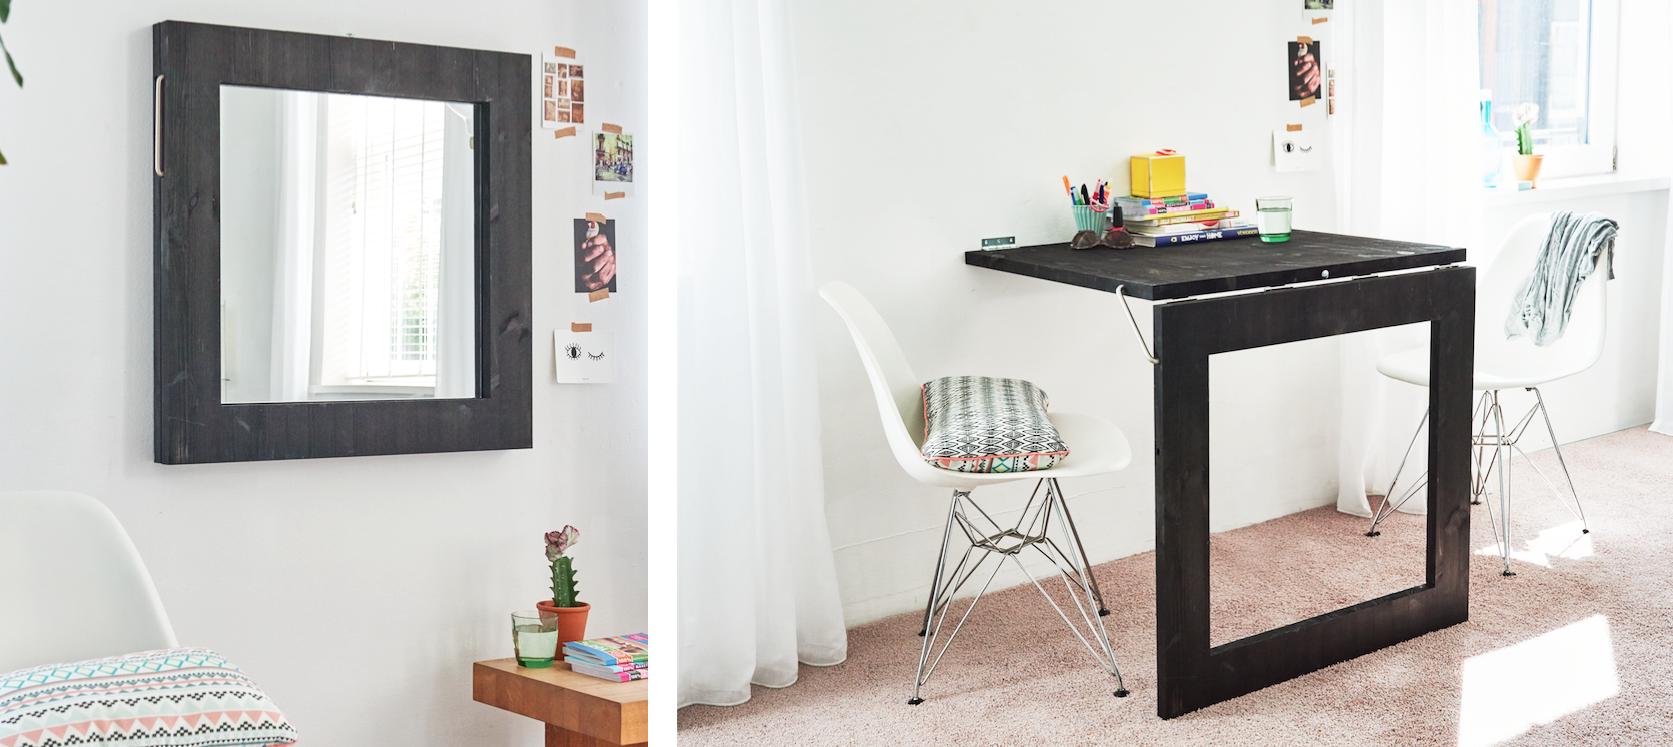 Originele badkamer spiegel ontwerp inspiratie voor uw badkamer meubels thuis - Meubels originele badkamer ...